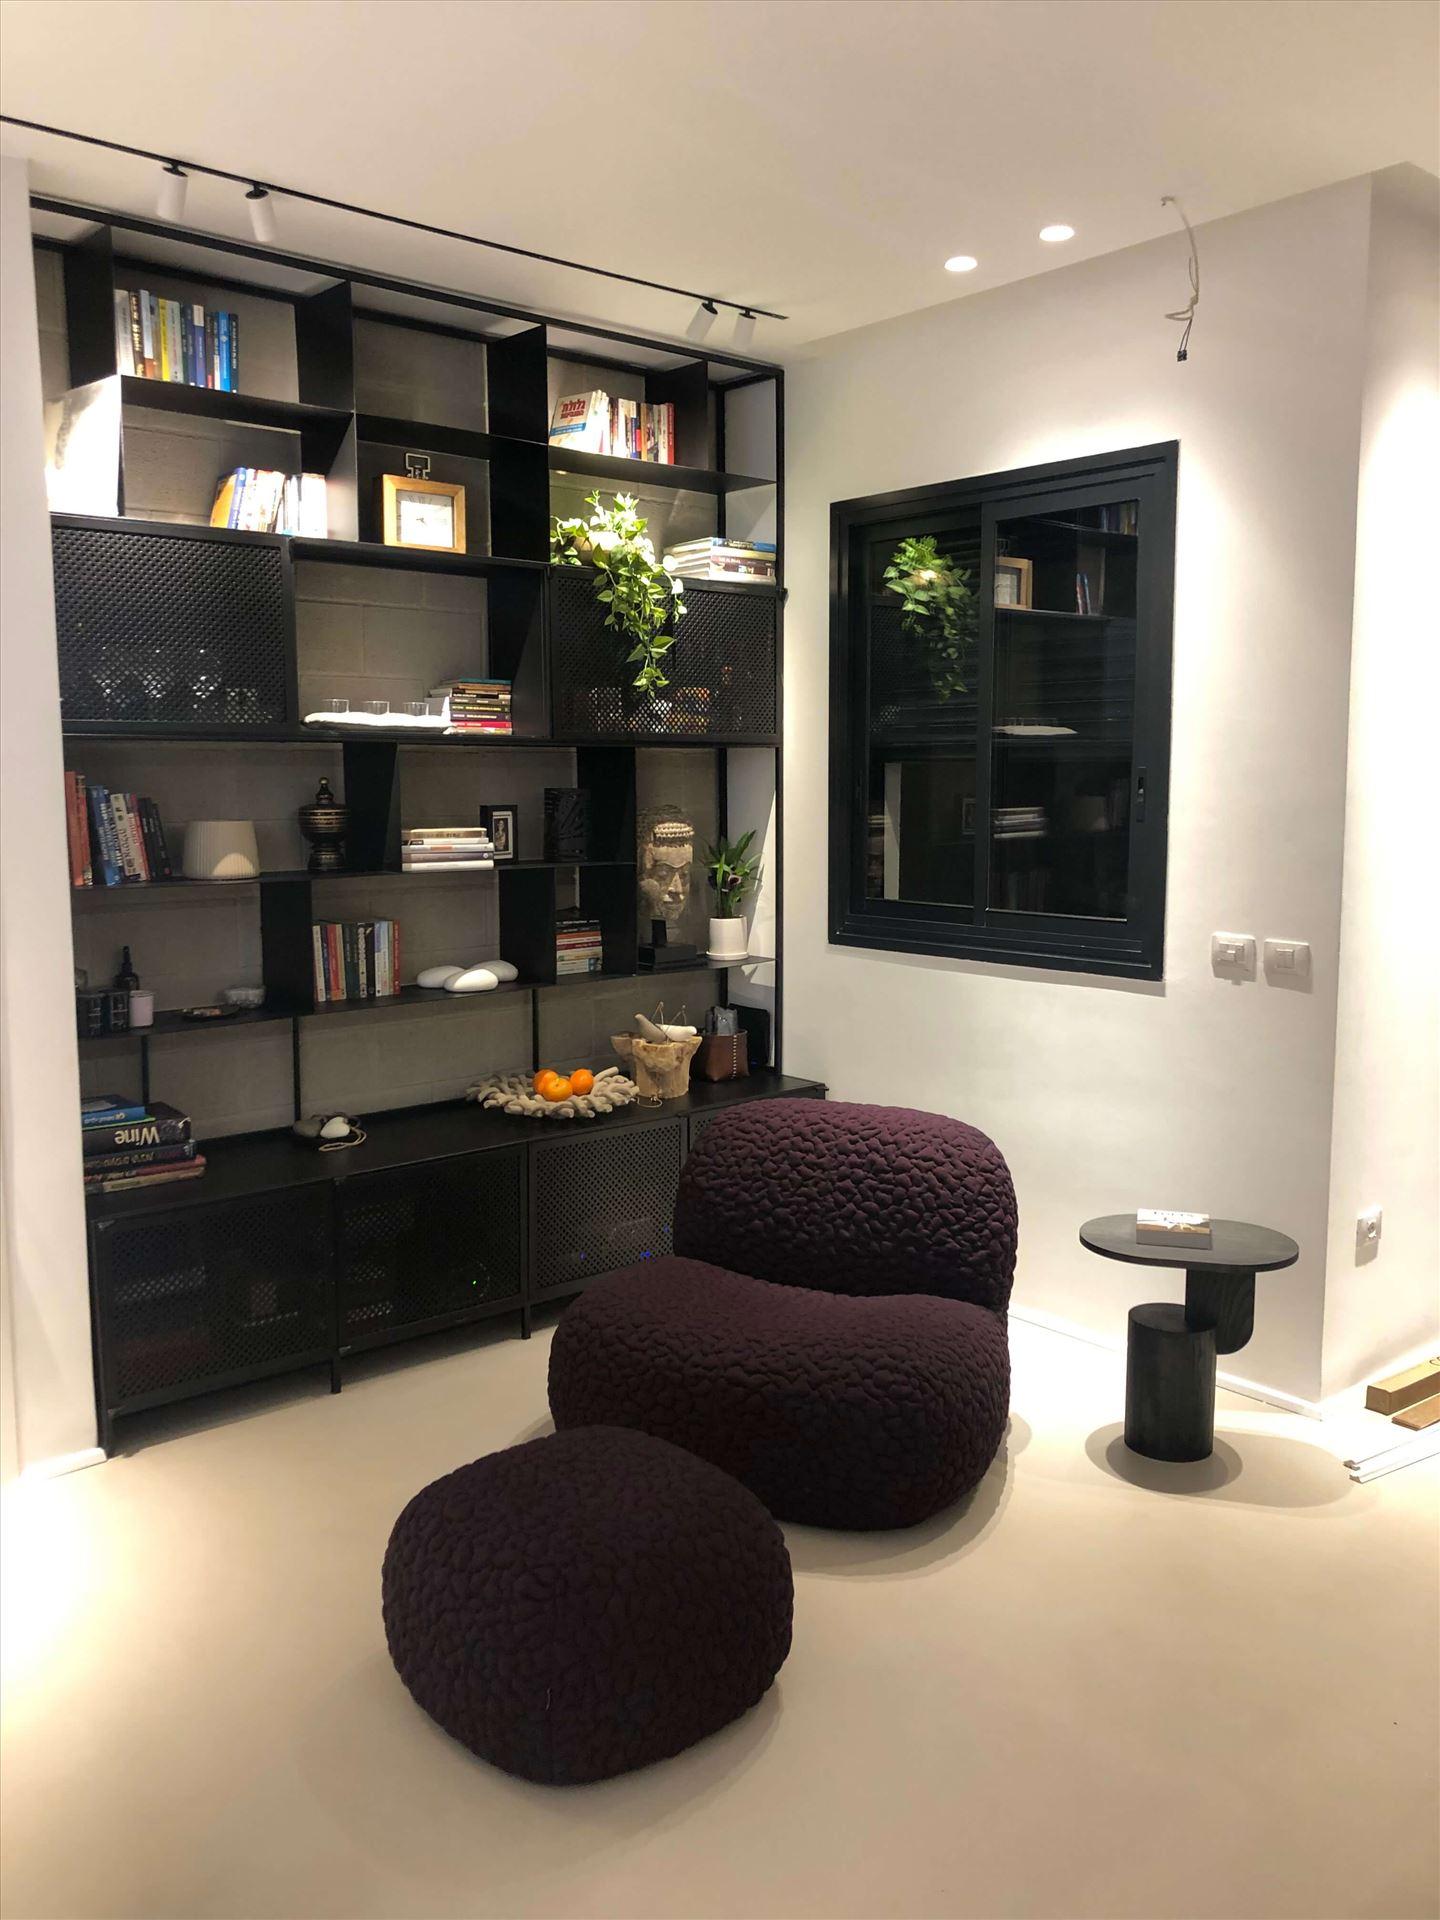 ספריה בעיצוב אישי לבית